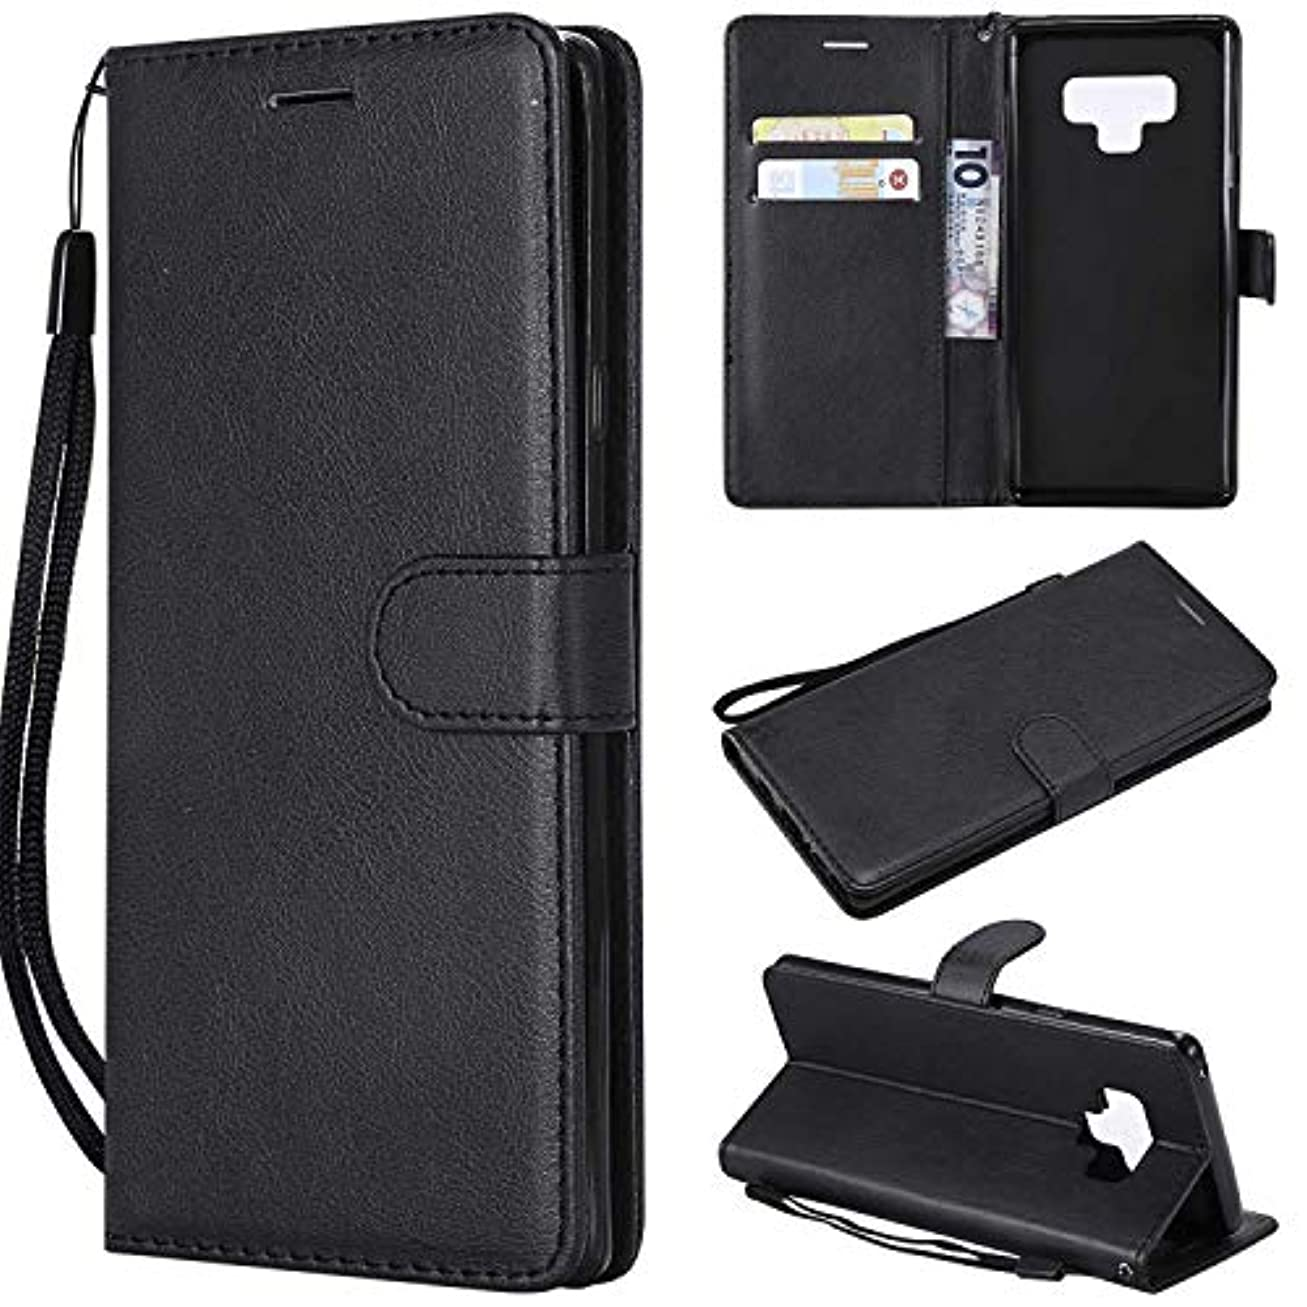 エアコン寂しい乗算Galaxy Note 9 ケース手帳型 OMATENTI レザー 革 薄型 手帳型カバー カード入れ スタンド機能 サムスン Galaxy Note 9 おしゃれ 手帳ケース (2-ブラック)